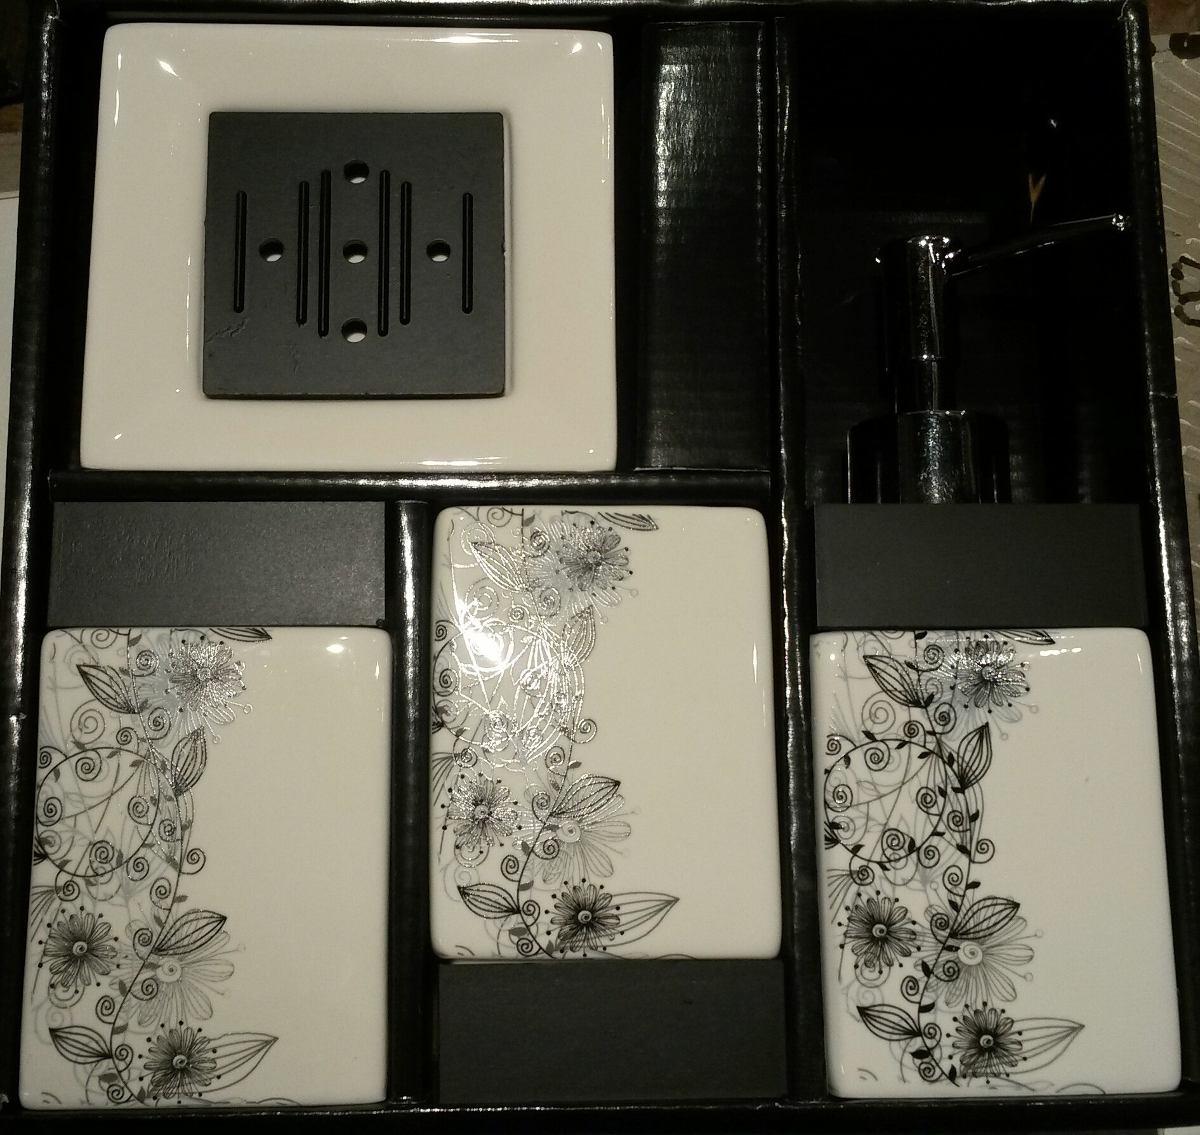 Set de 4 piezas de accesorios para ba o en loza selecta for Set de accesorios para bano